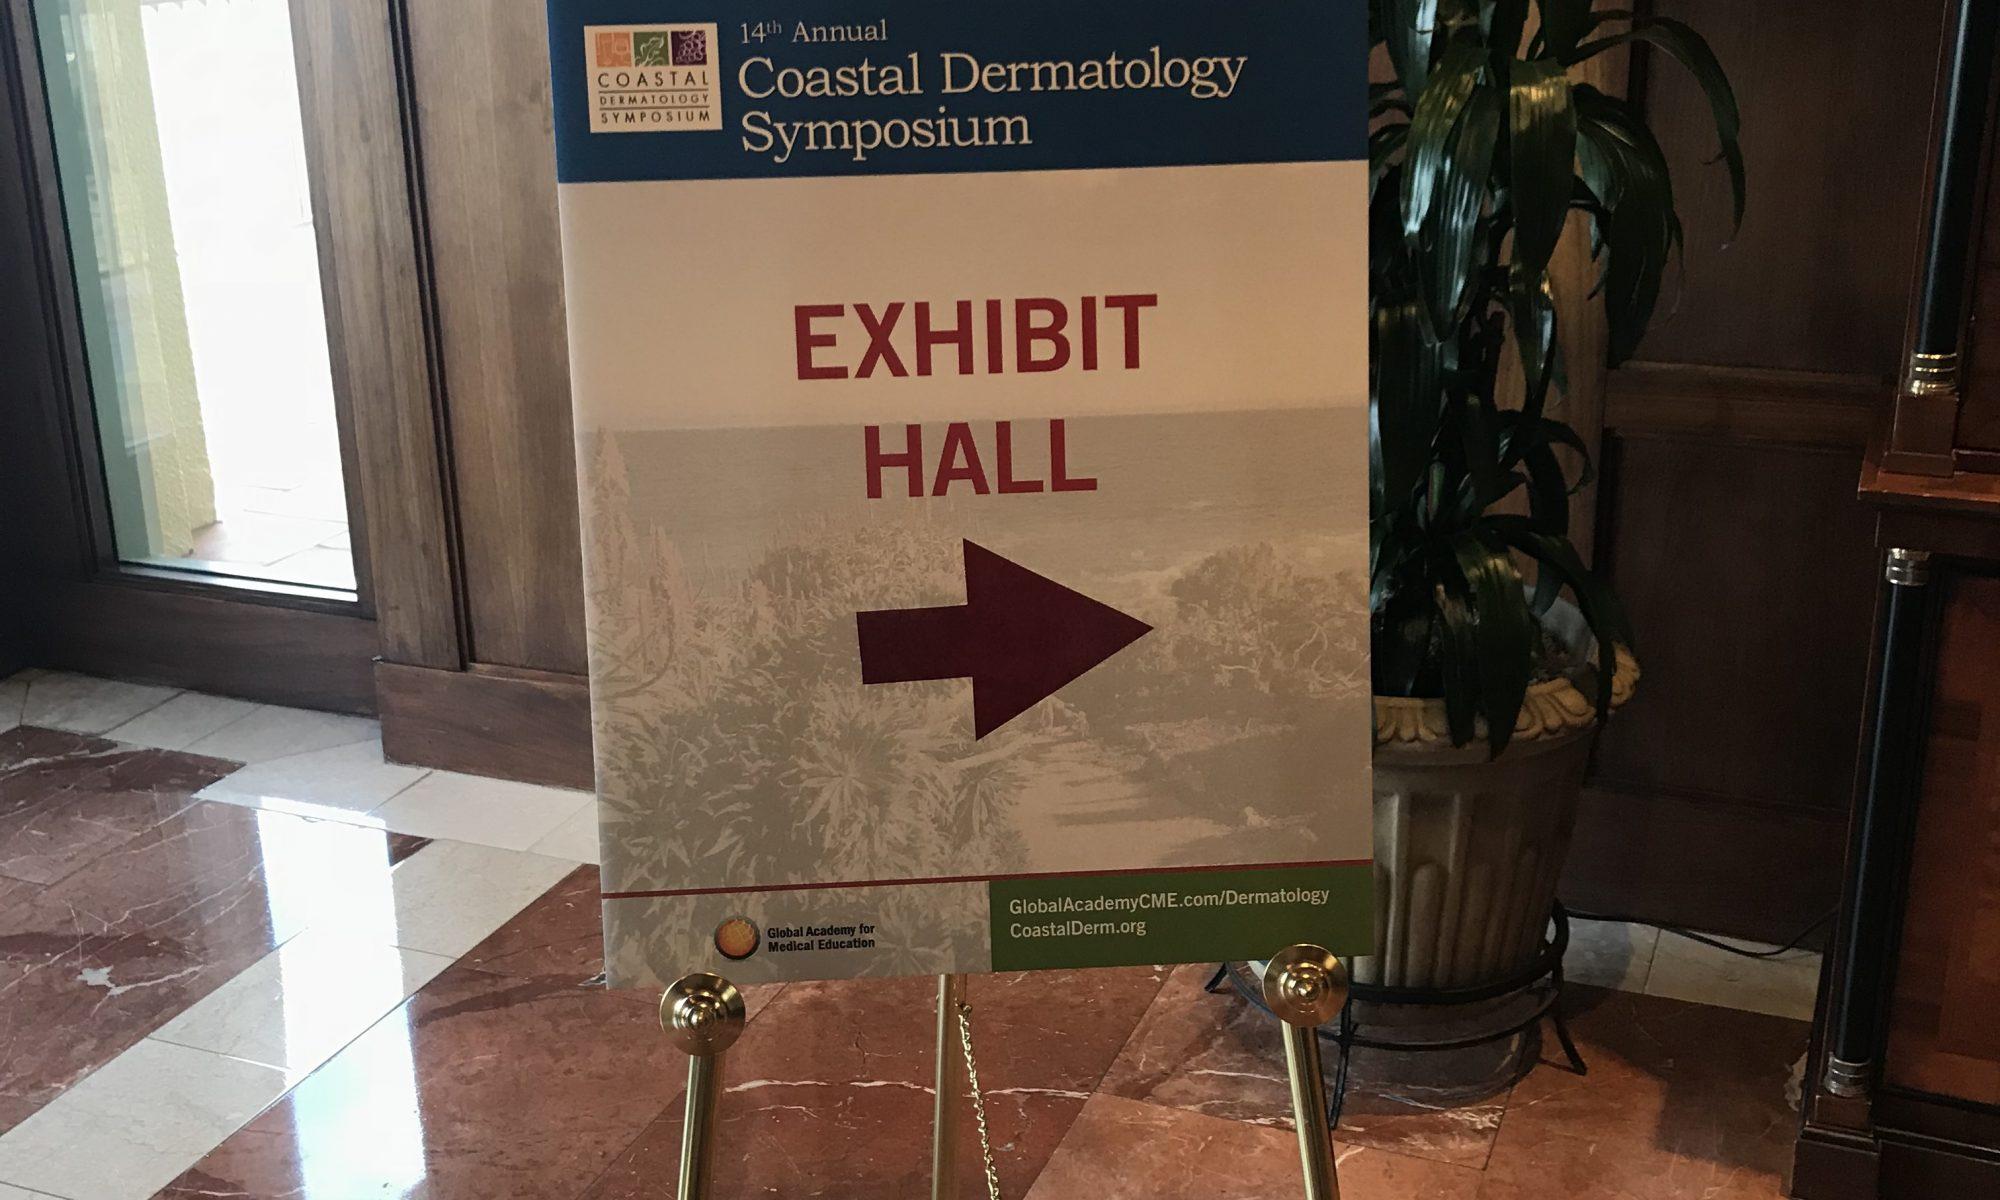 Coastal Dermatology Symposium